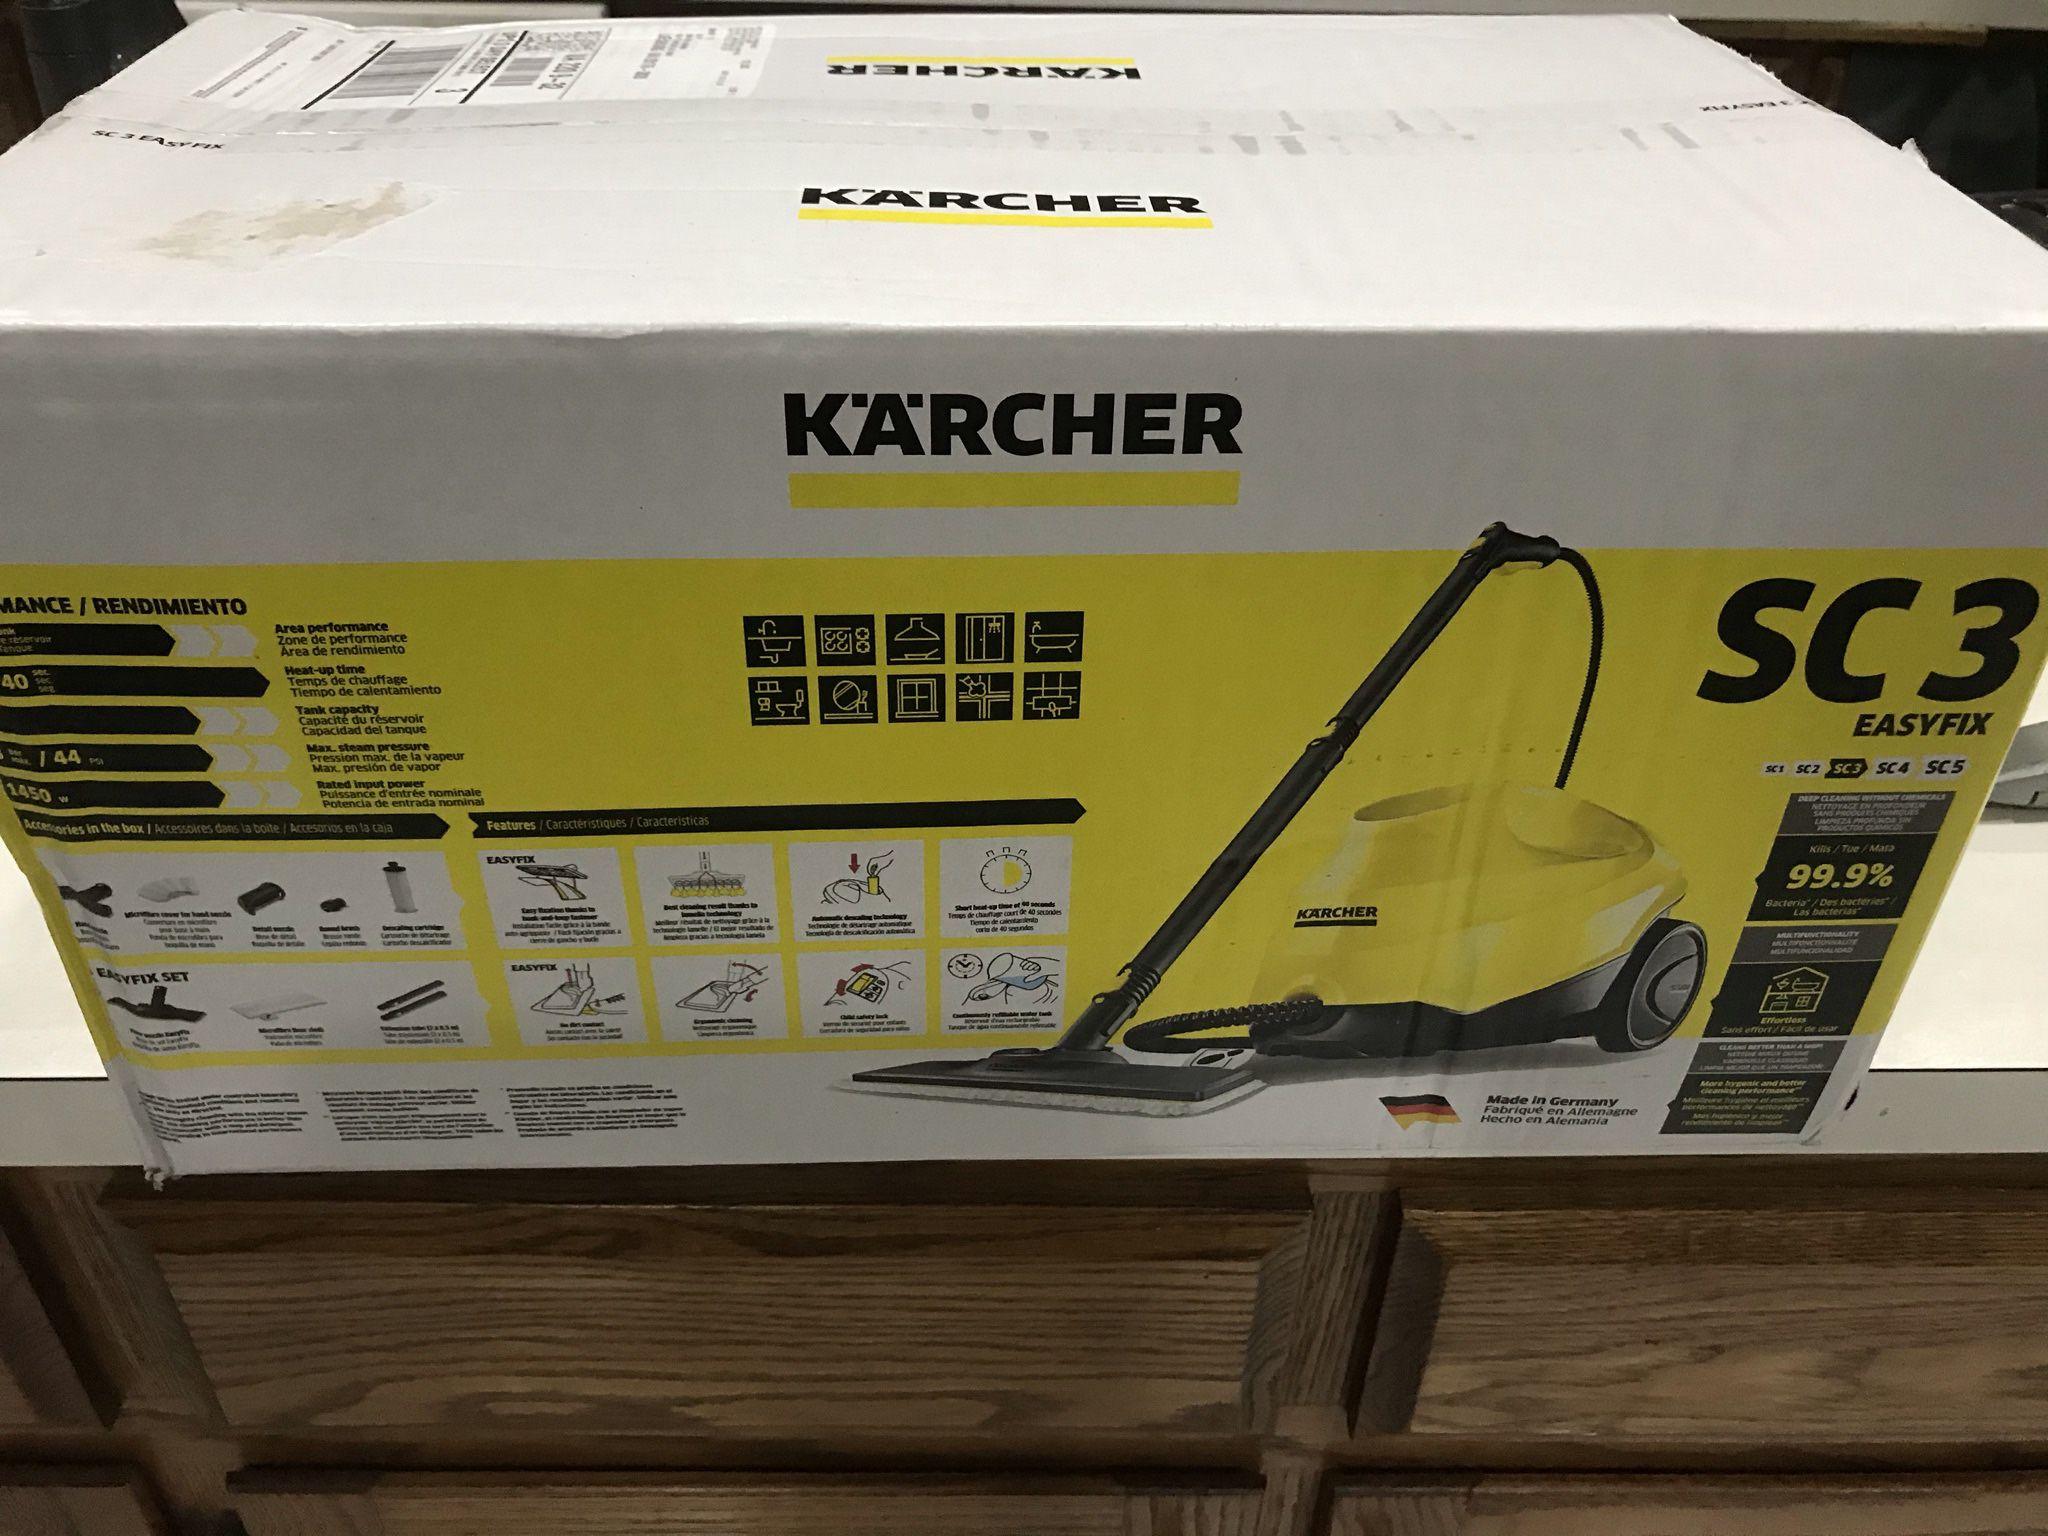 New Karcher SC 3 EasyFix Steam Cleaner